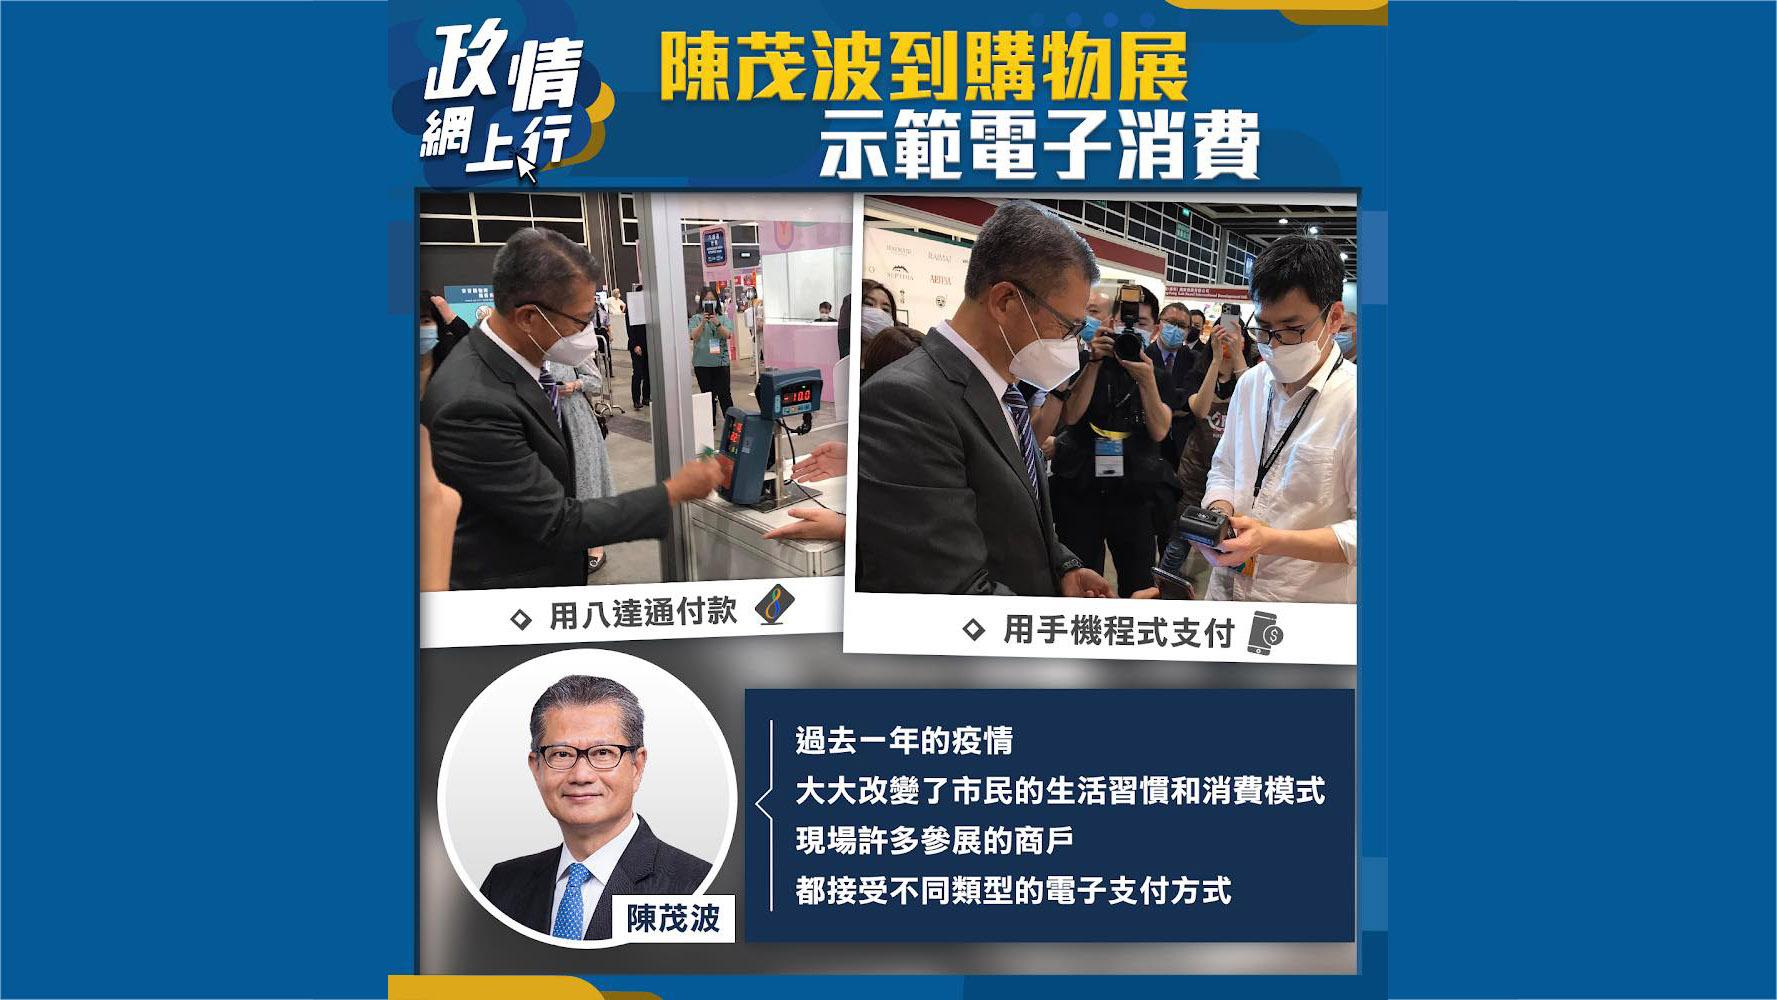 【政情網上行】陳茂波到購物展示範電子消費